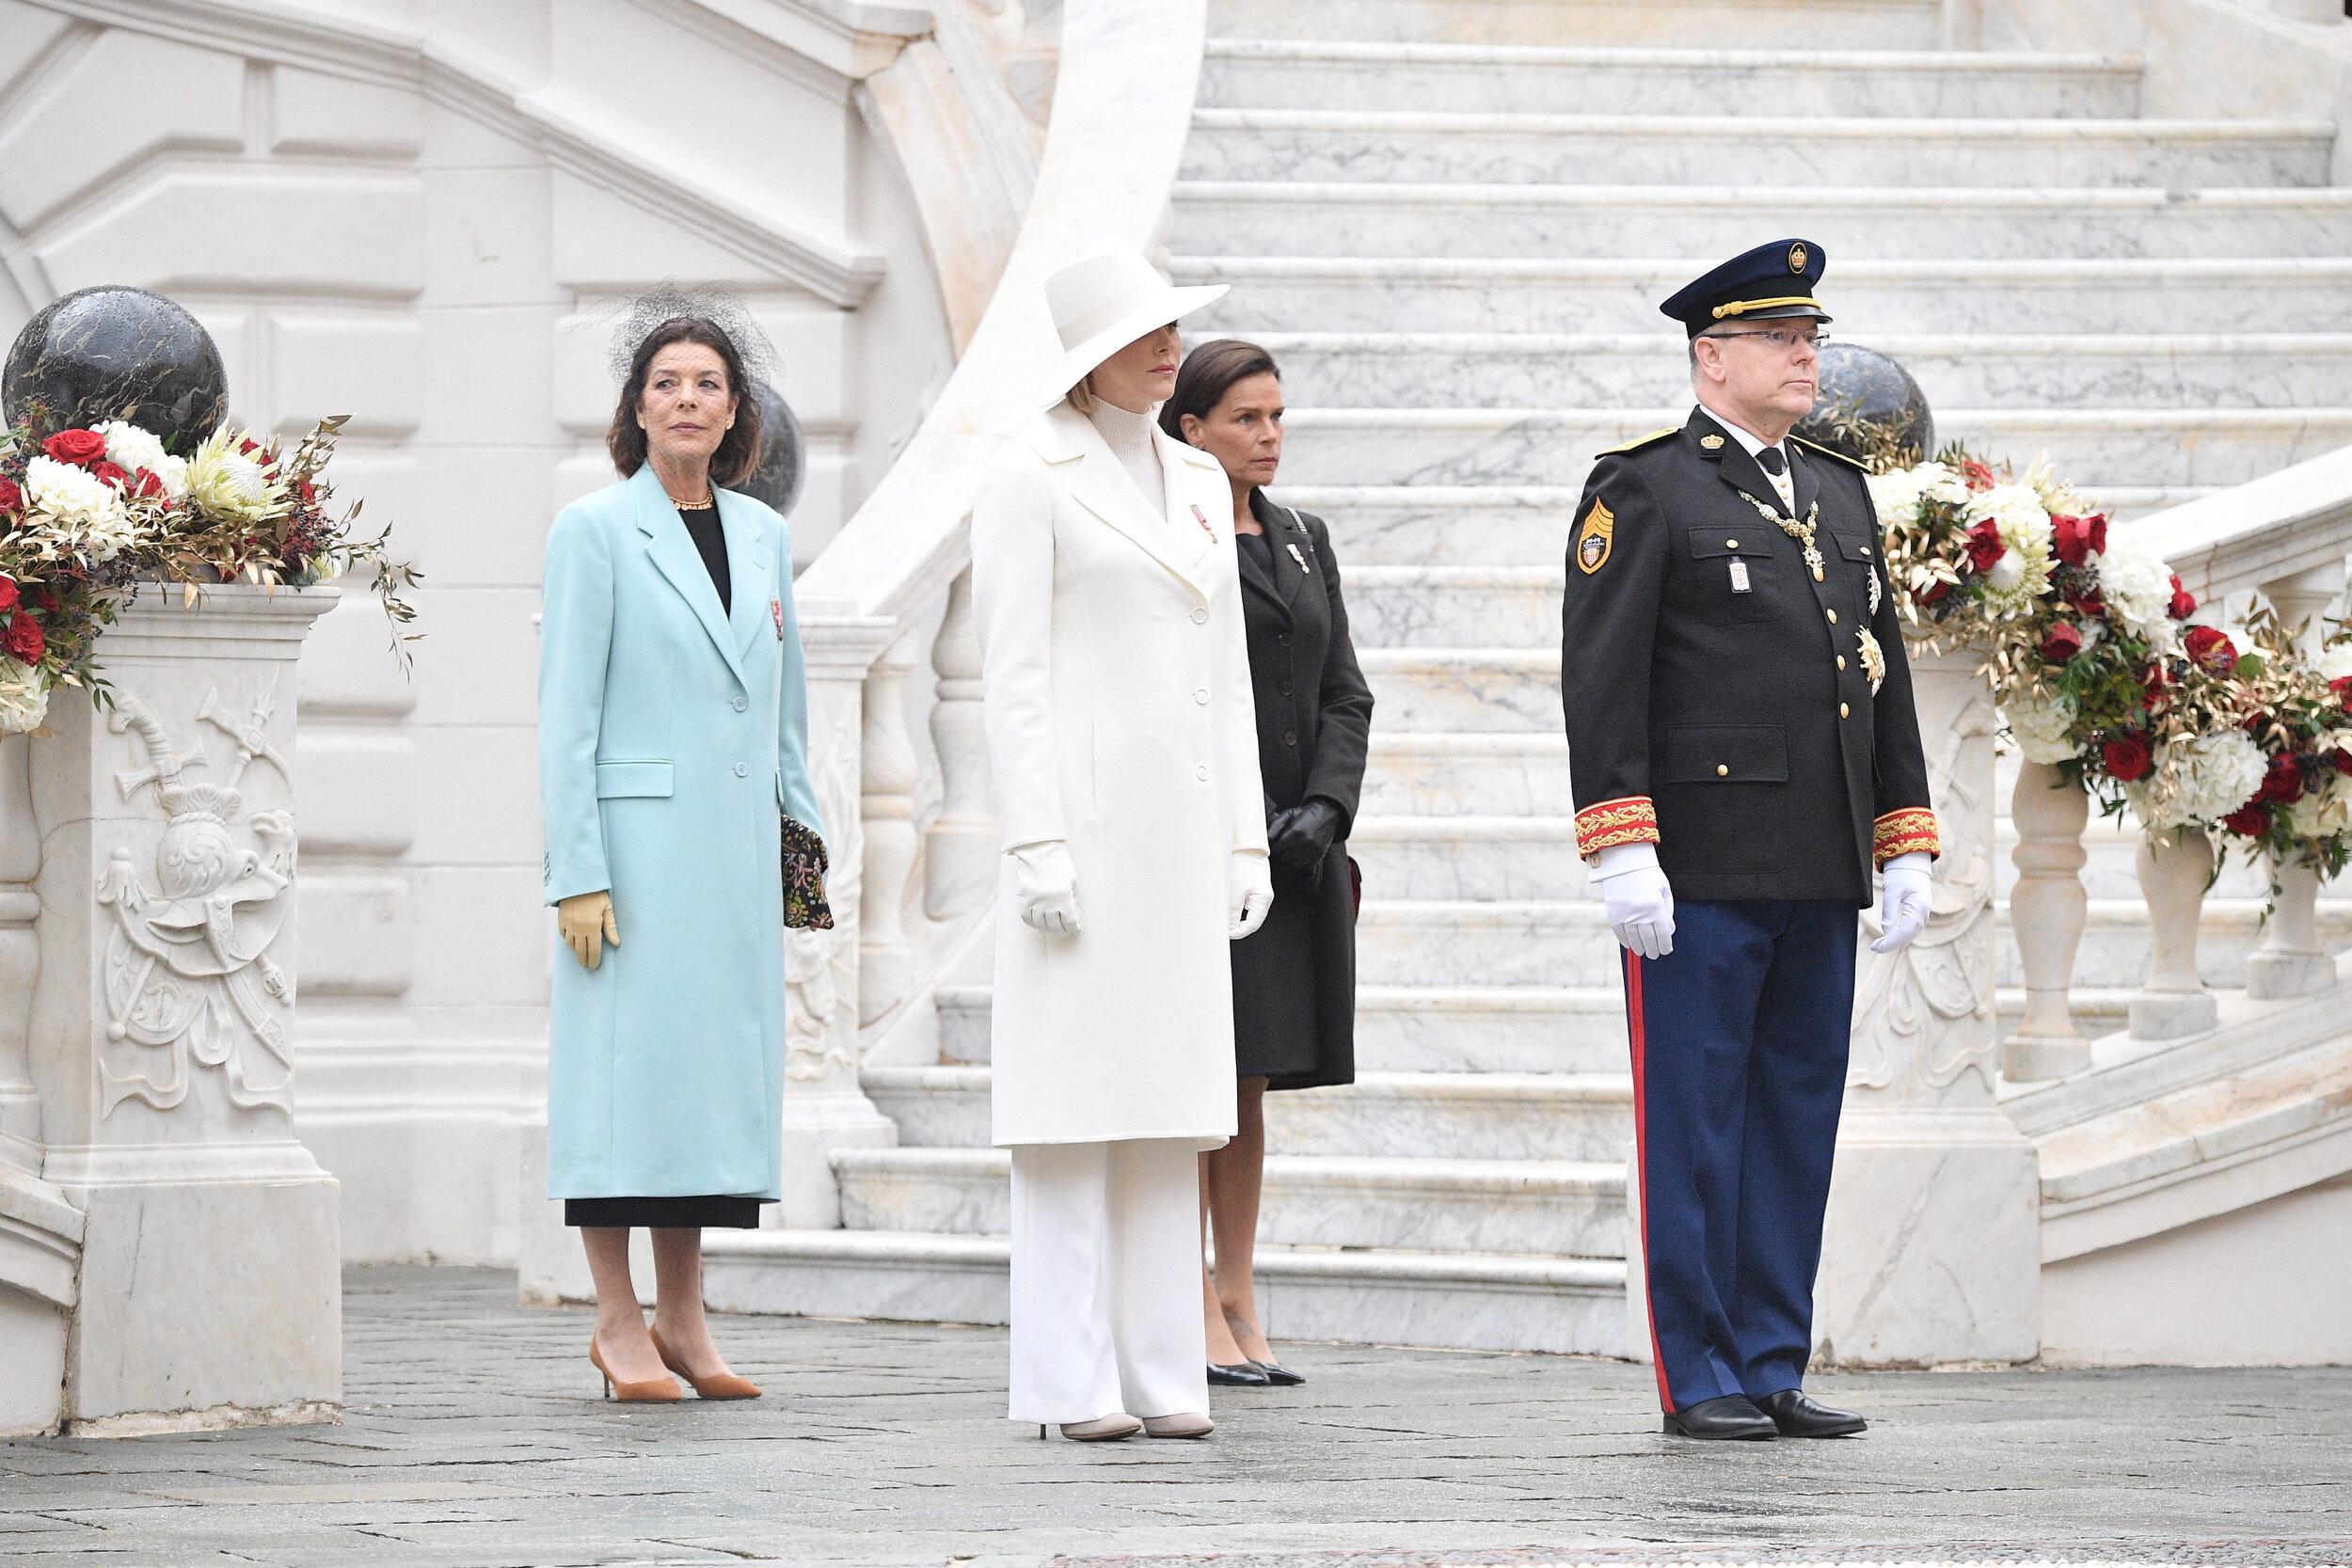 Fürst Albert und seine Frau Fürstin Charlène sowie Prinzessin Caroline und Prinzessin Stéphanie zeigen sich bei den Feierlichkeiten zum Nationalfeiertag im Innenhof des Schlosses.  © picture alliance / abaca